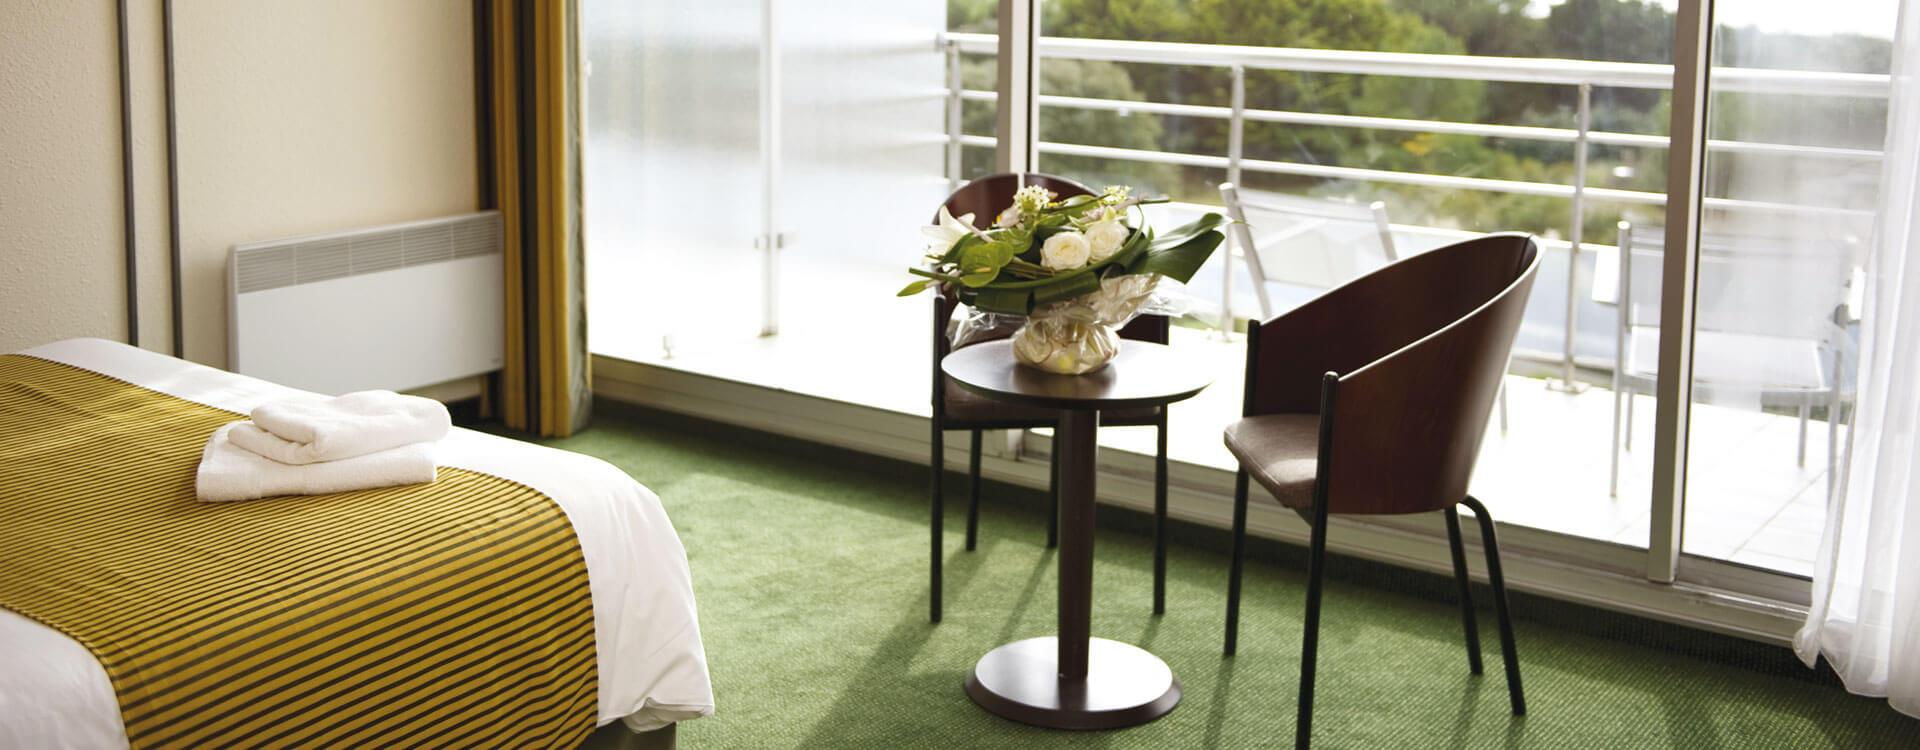 Chambres - Hôtel *** Les Jardins de l'Atlantique